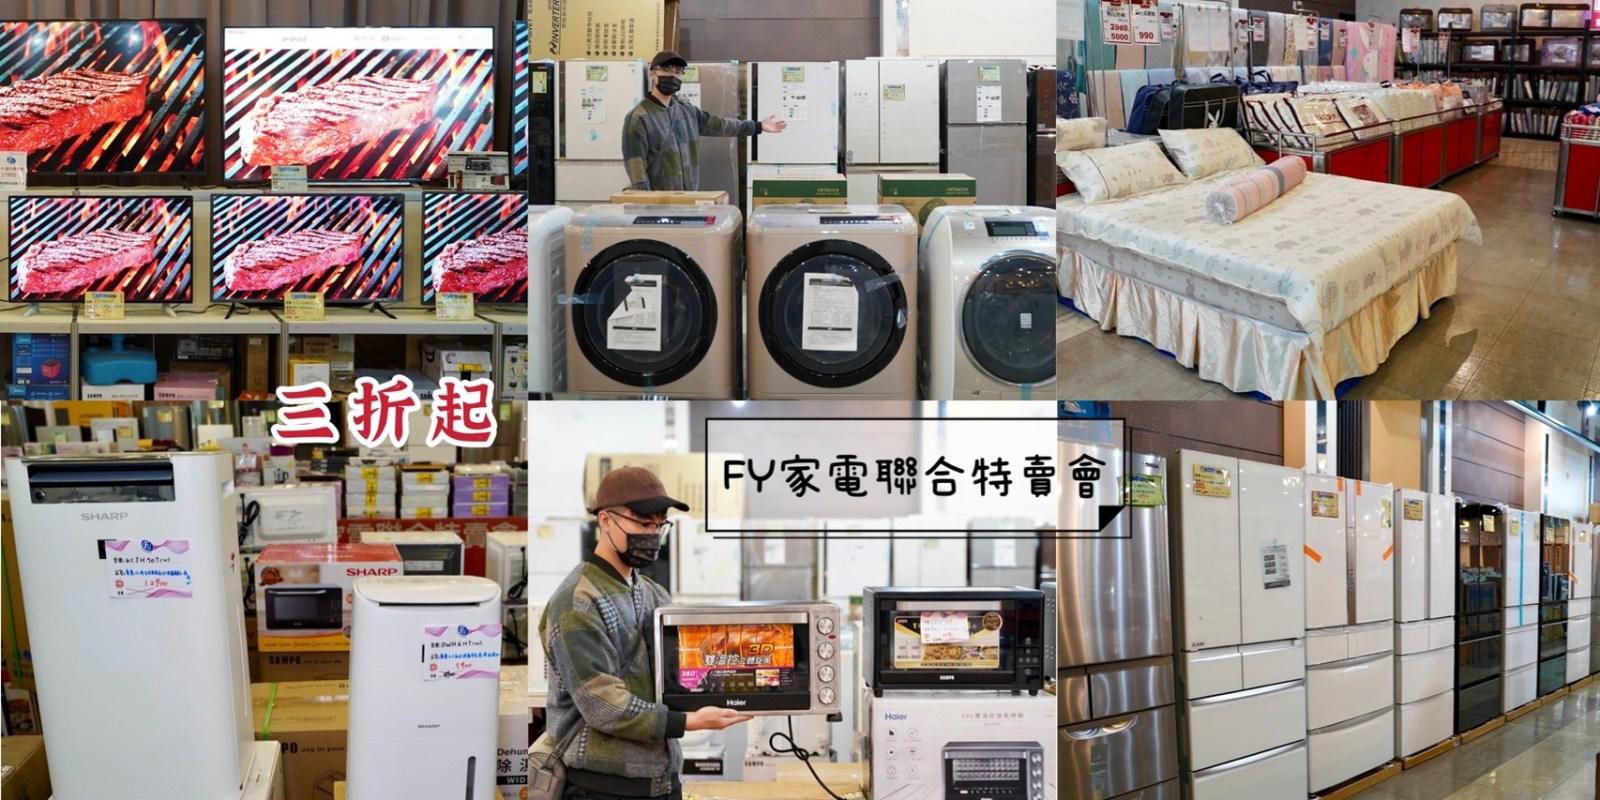 【2021苗栗竹南-FY家電聯合特賣會】年後大出清三折起,還享有原廠保固!電視、冰箱、洗衣機、冷氣、水波爐、寢具、名床通通有!